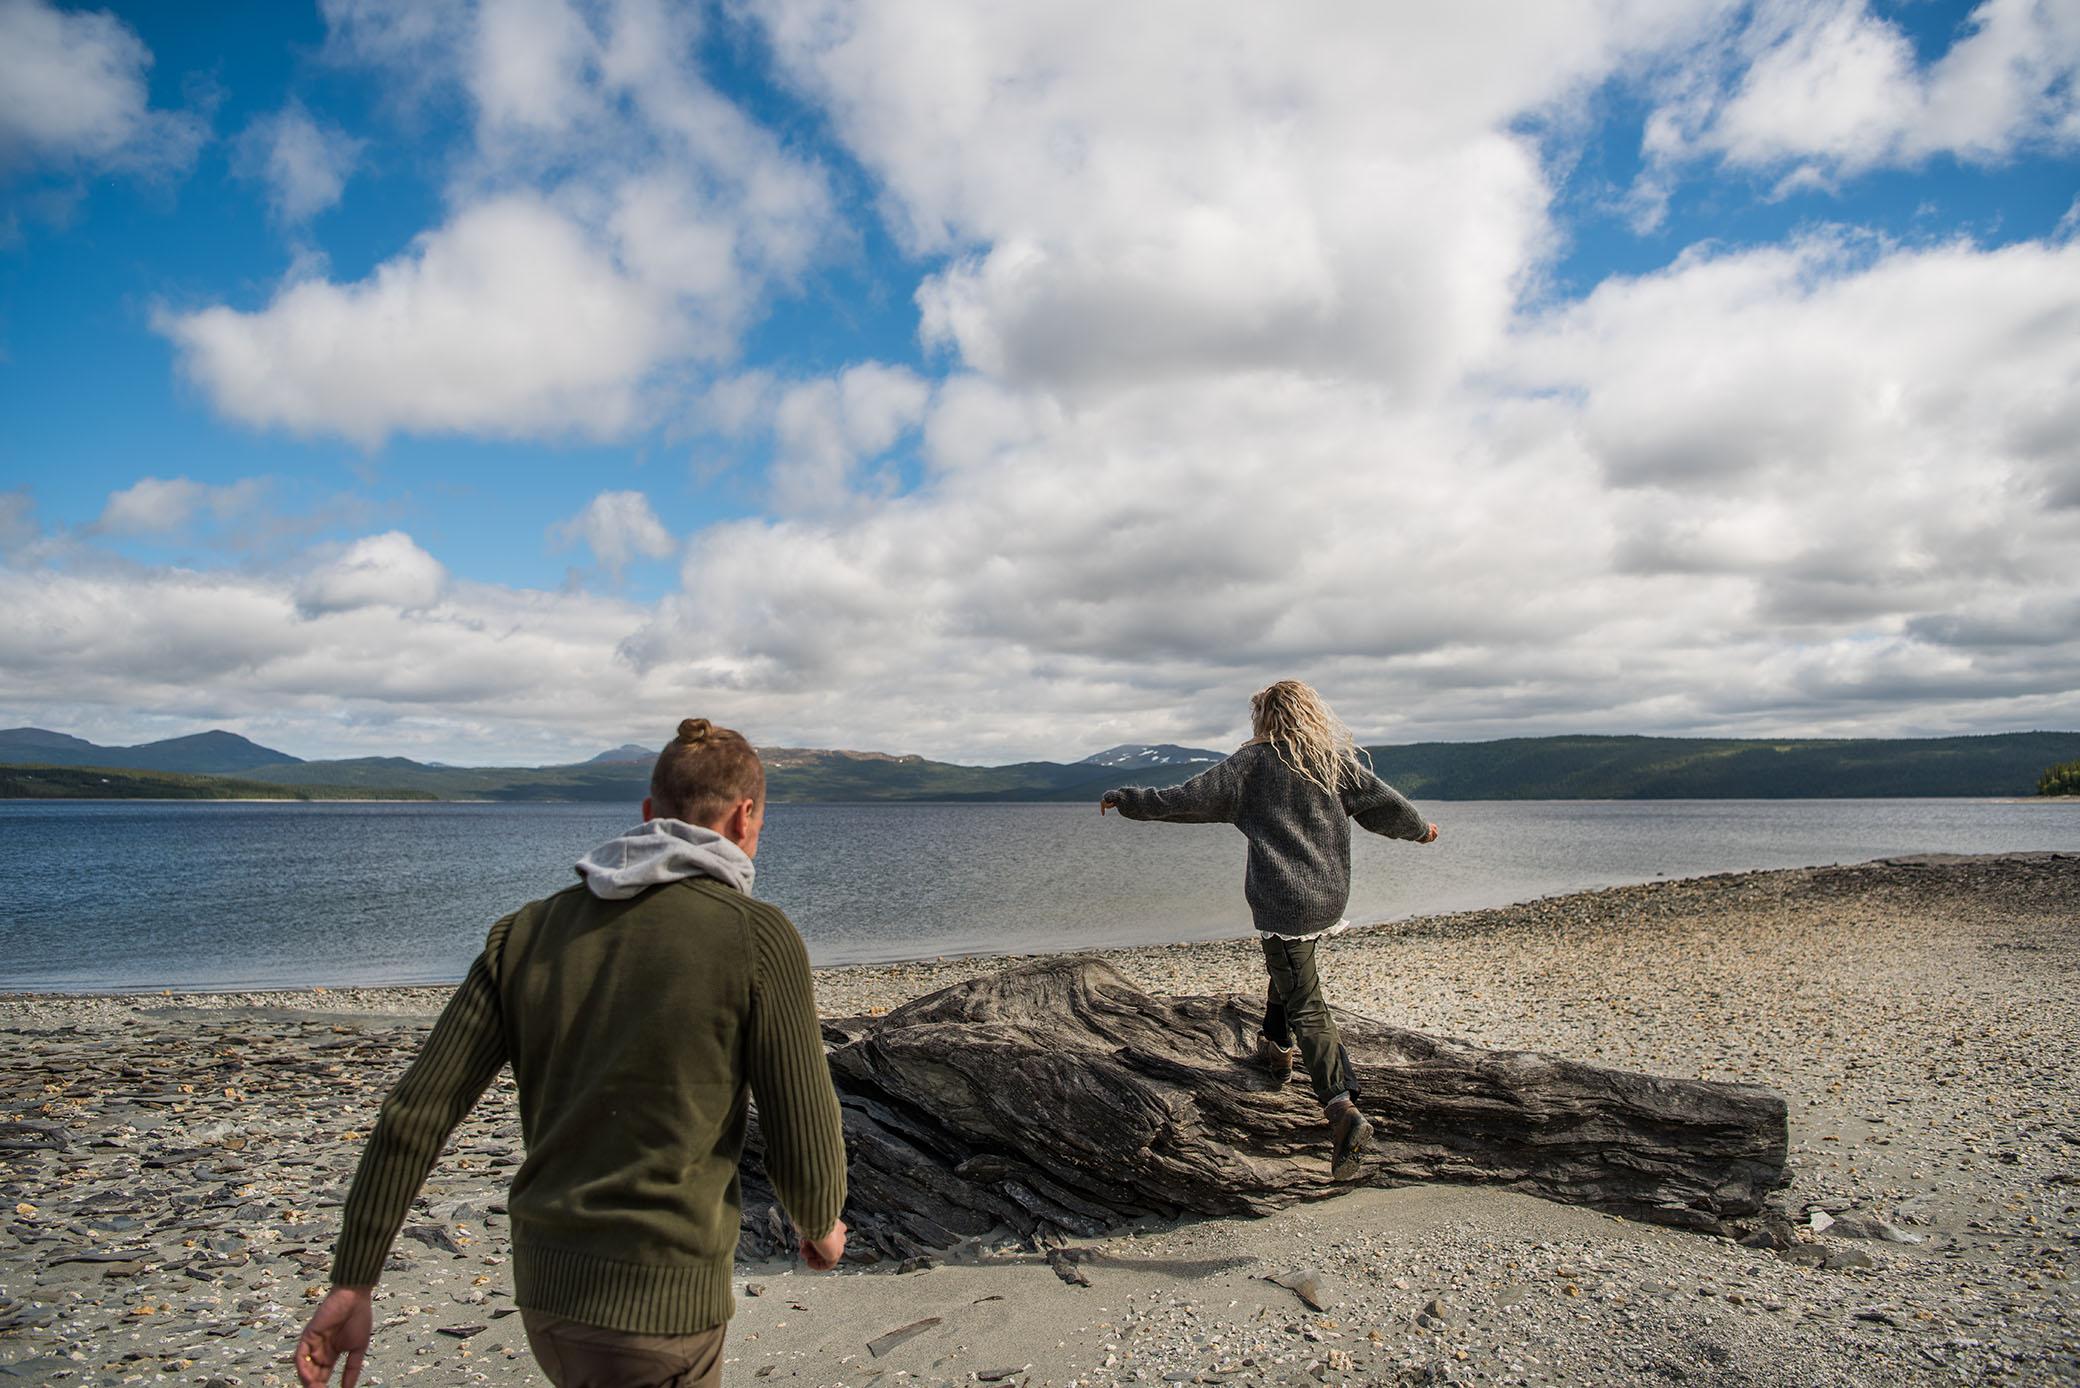 62aa7815029e Vi åkte vidare och nådde sen Stora Blåsjön. Vi stannade med en gång och  rusade ut på den stora, vackra stranden. Vi fick en känsla av att vara  utomlands.